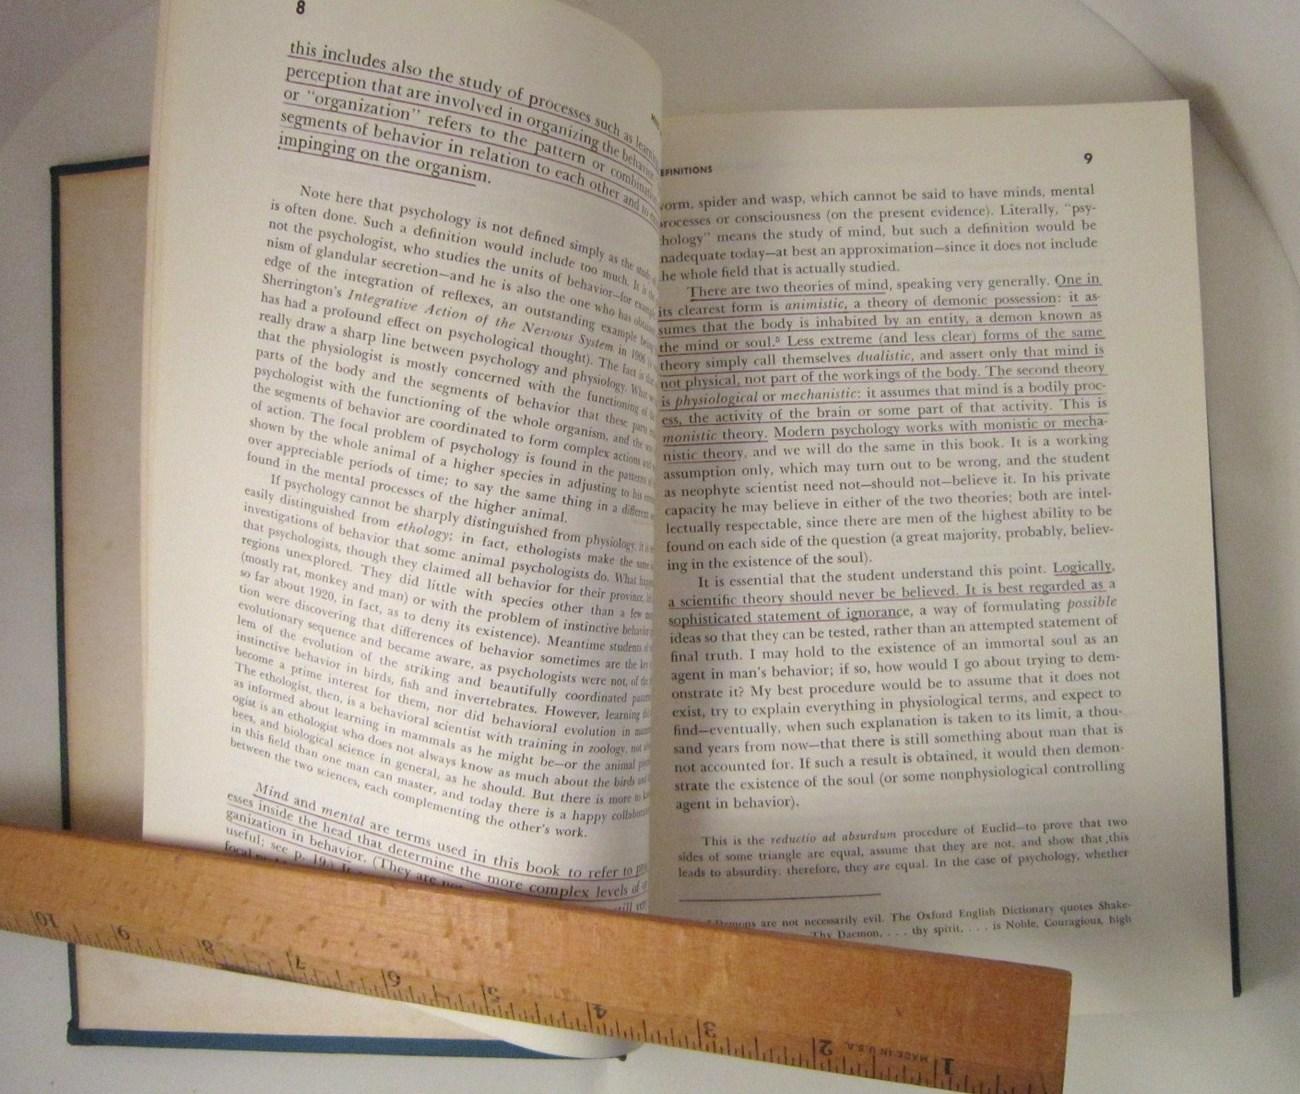 essay on mind donald hebb Encuentra essays on mind de donald o hebb (isbn: 9780898590173) en amazon env os gratis a partir de 19.